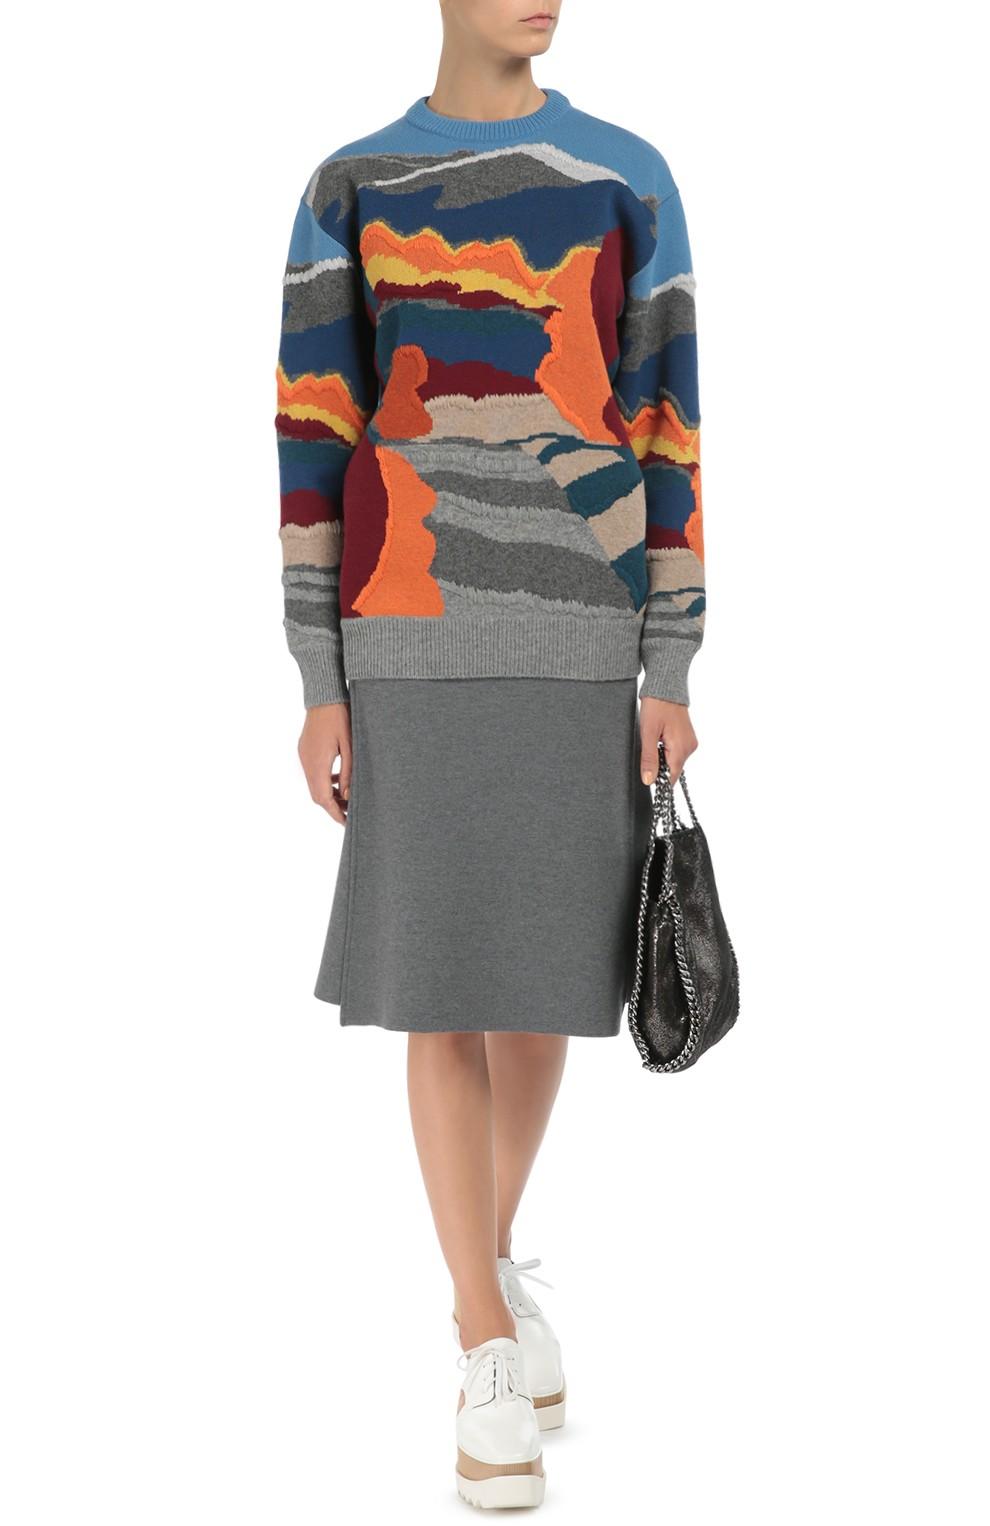 с чем носить серую юбку: шерстяная под кофту в принт кроссовки